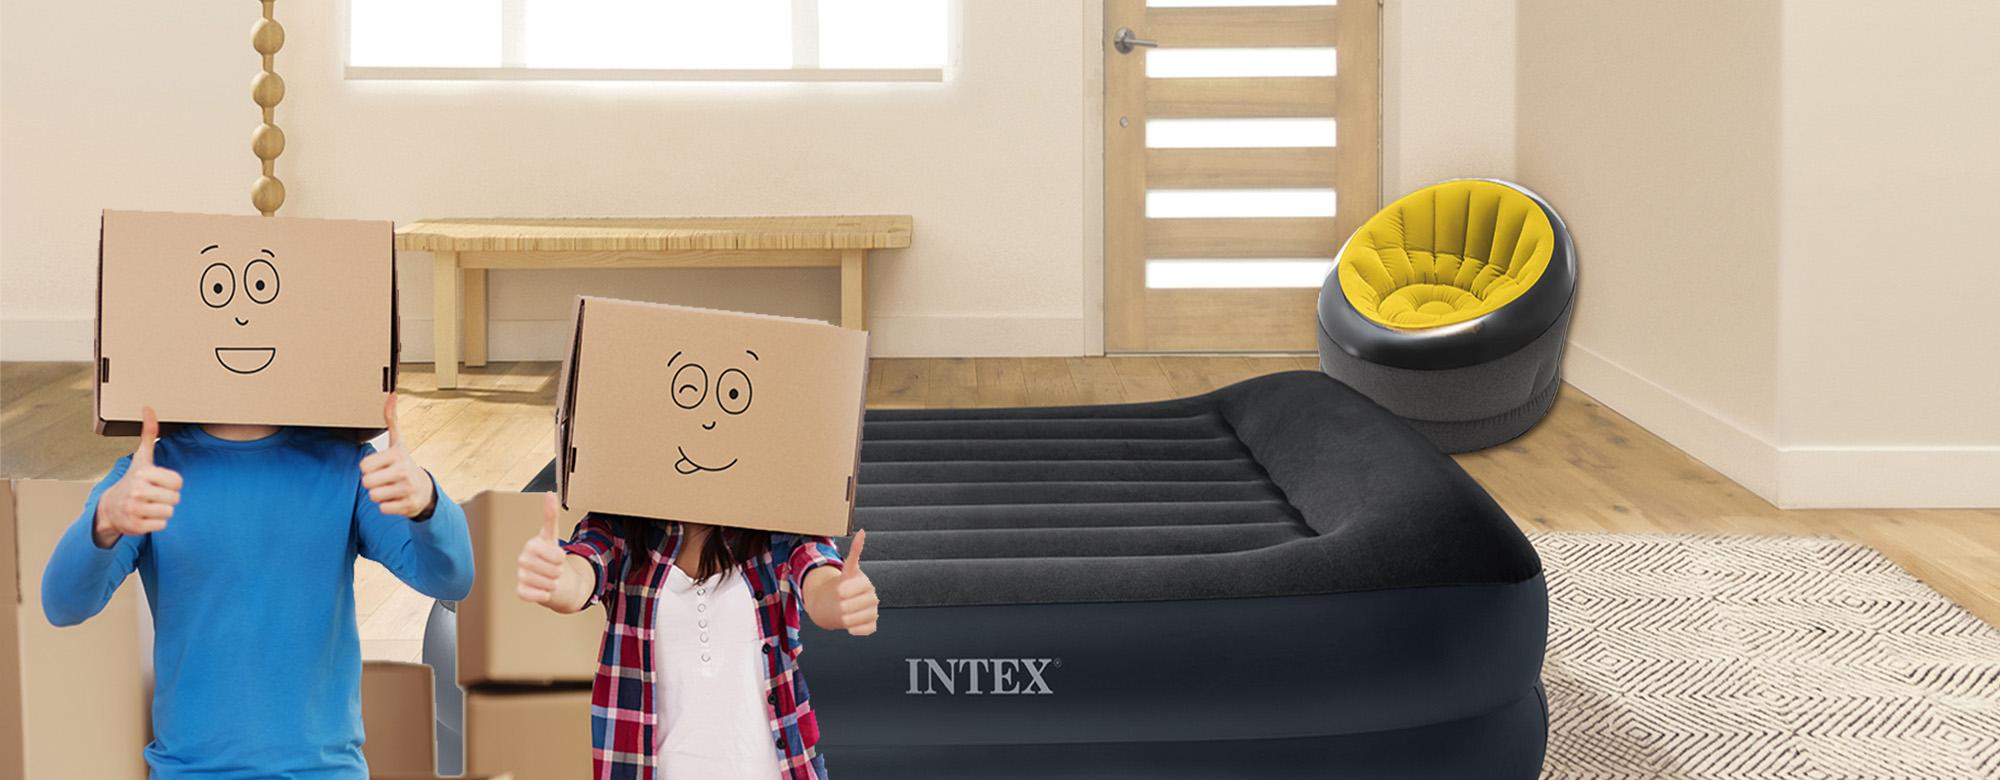 Aménager un appartement étudiant : et si INTEX avait LA solution gonflée ?!